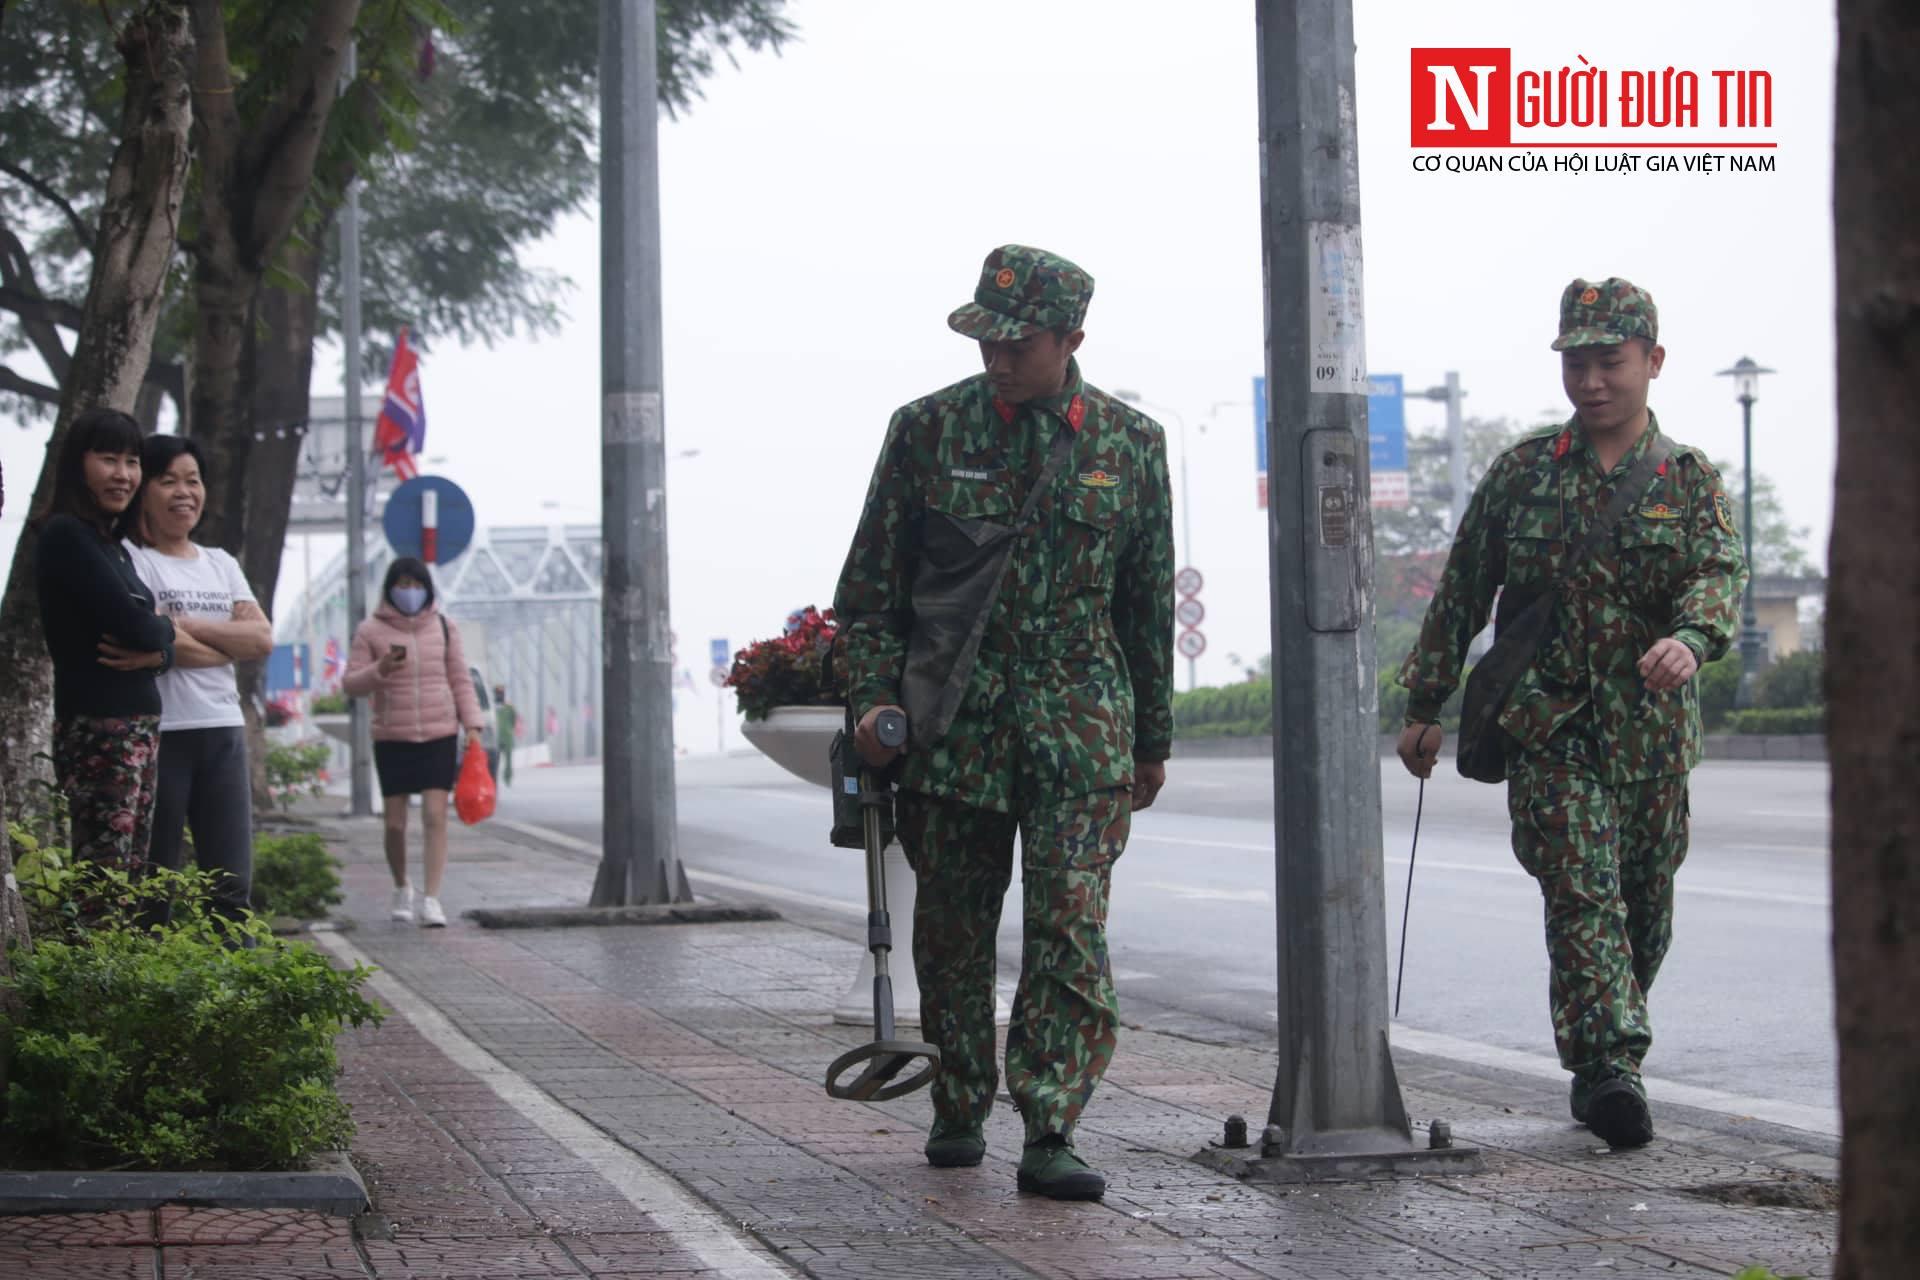 [Trực tiếp] Cận cảnh lực lượng an ninh dày đặc quanh khách sạn nơi Chủ tịch Kim Jong-un vừa có mặt - Ảnh 17